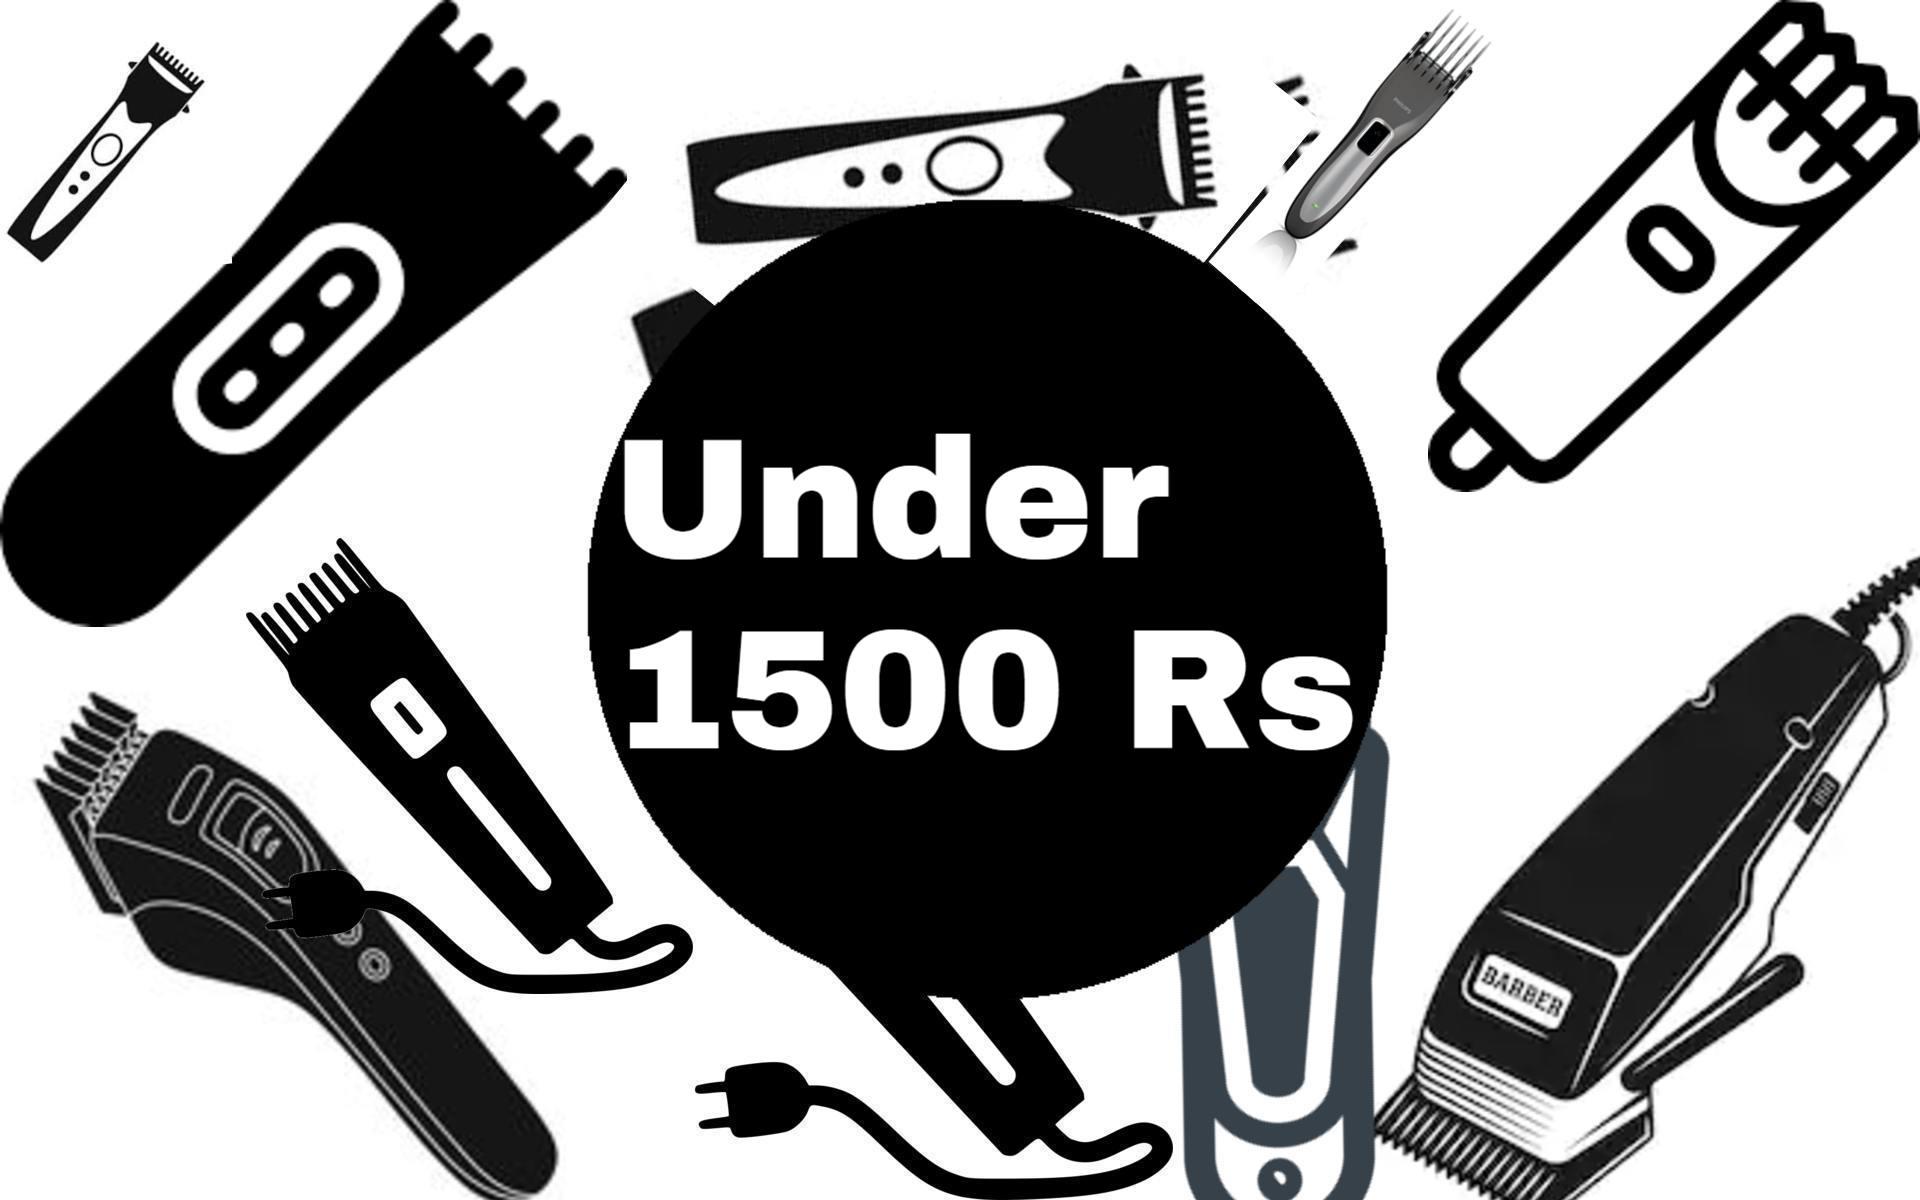 best trimmer under 1500 rs